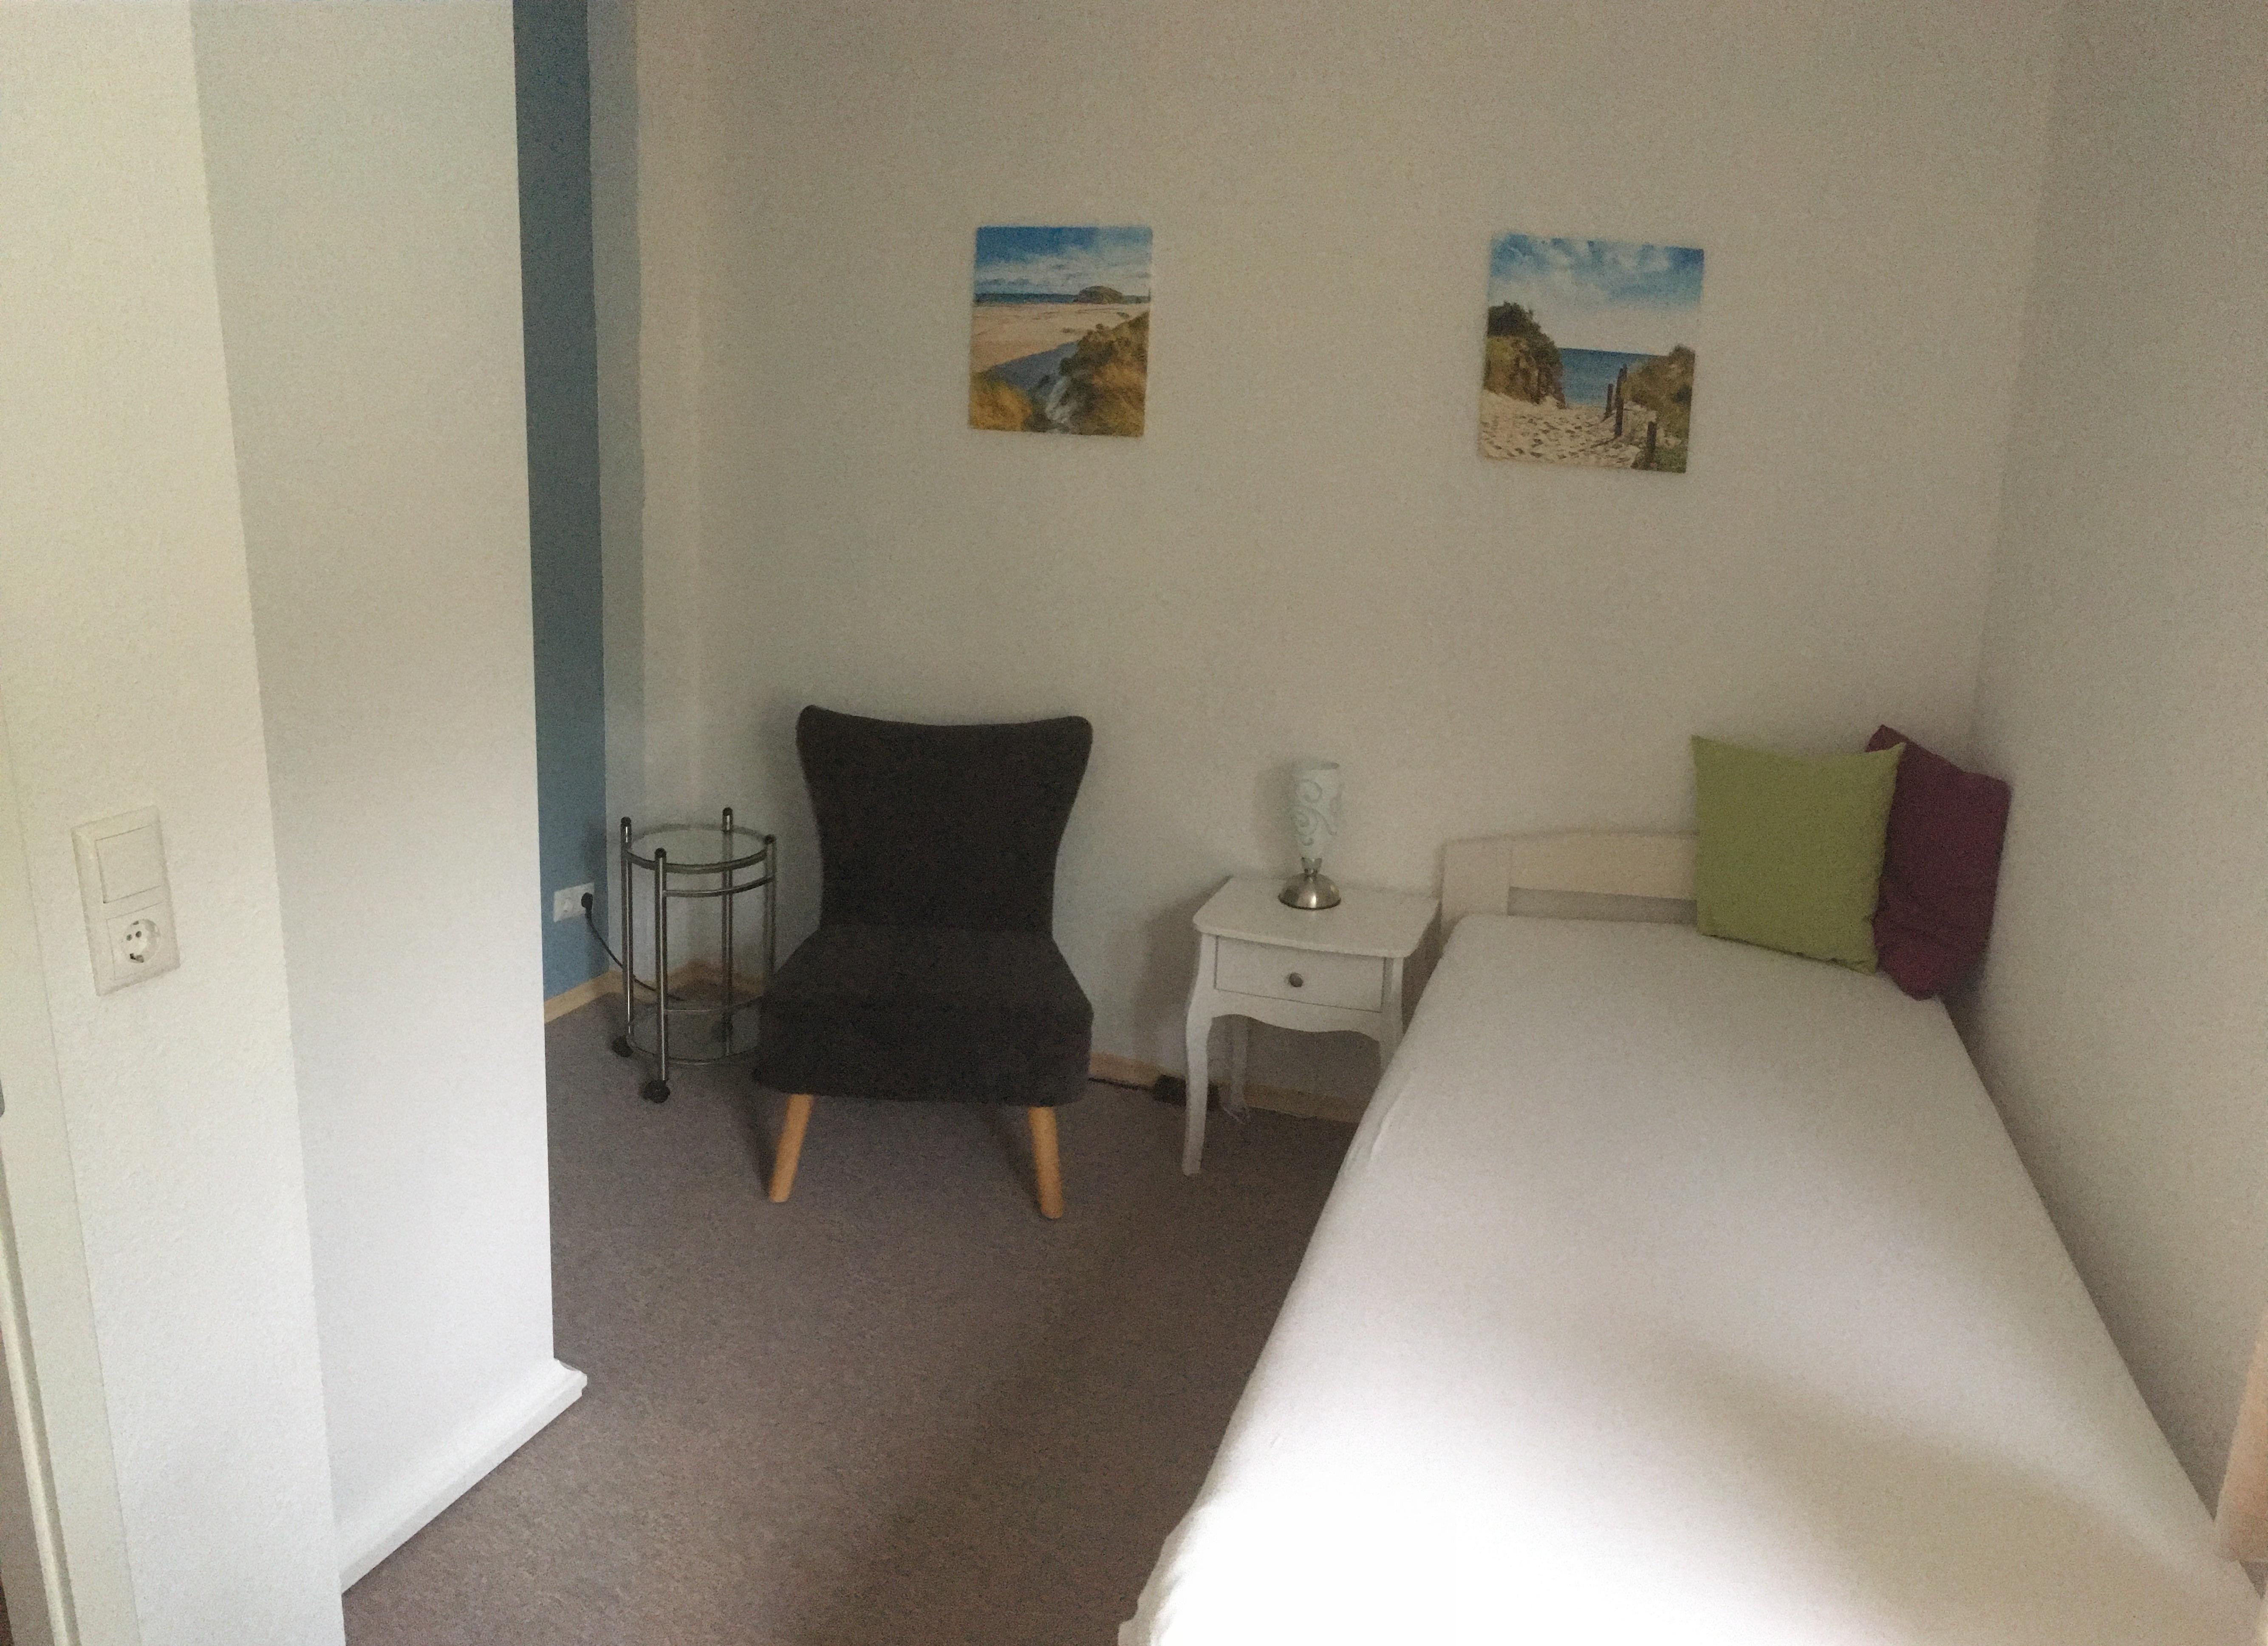 Einzelzimmer mit kleinem Arbeitsplatz